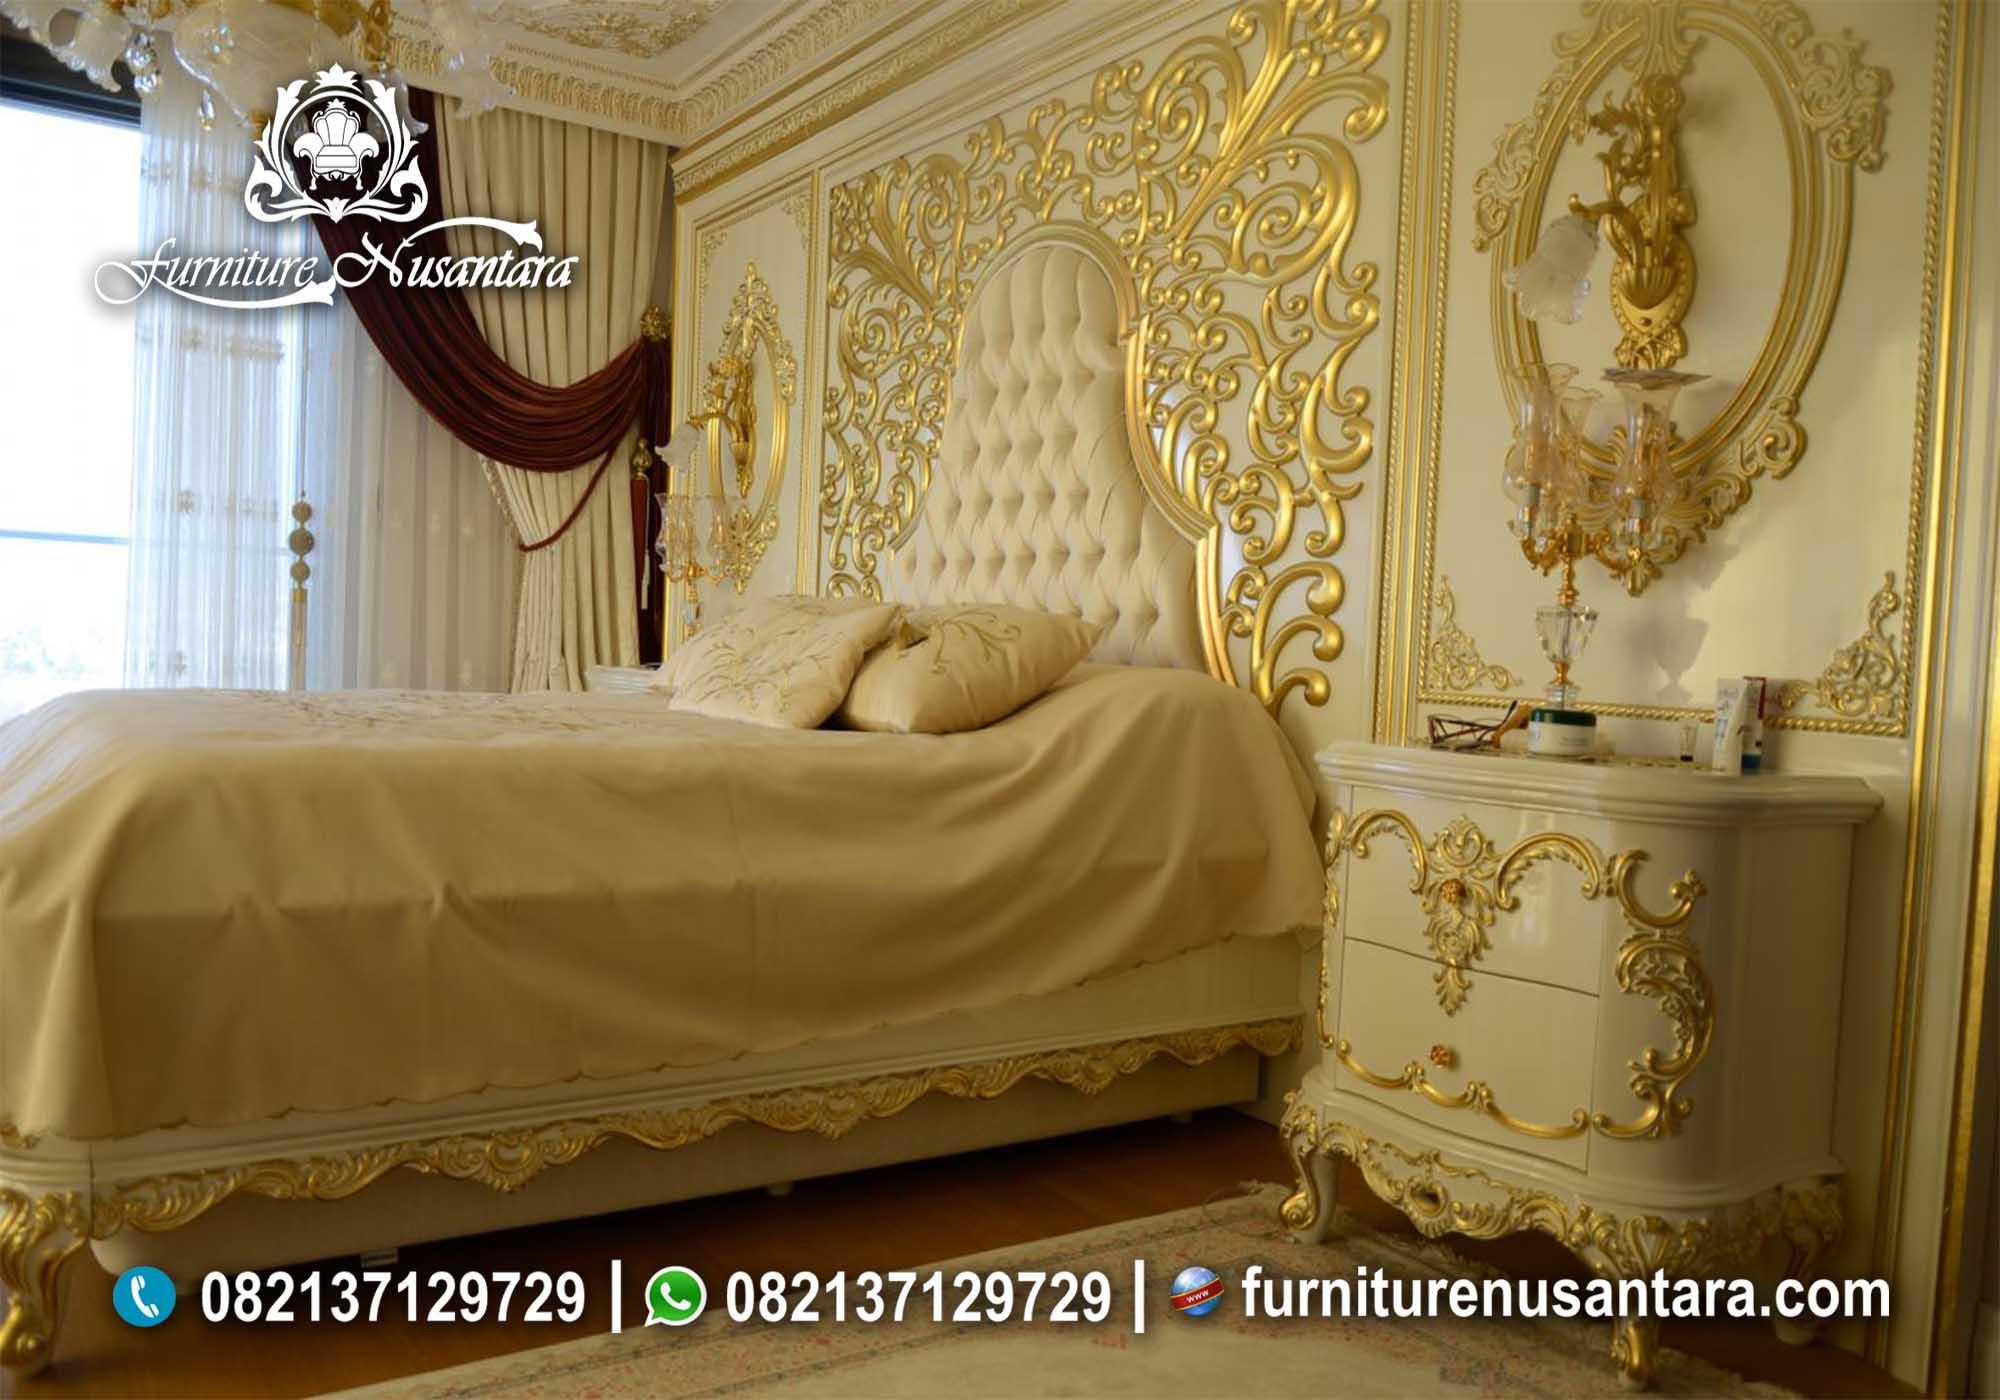 Bedroom Set Klasik Terbaru KS-04, Furniture Nusantara